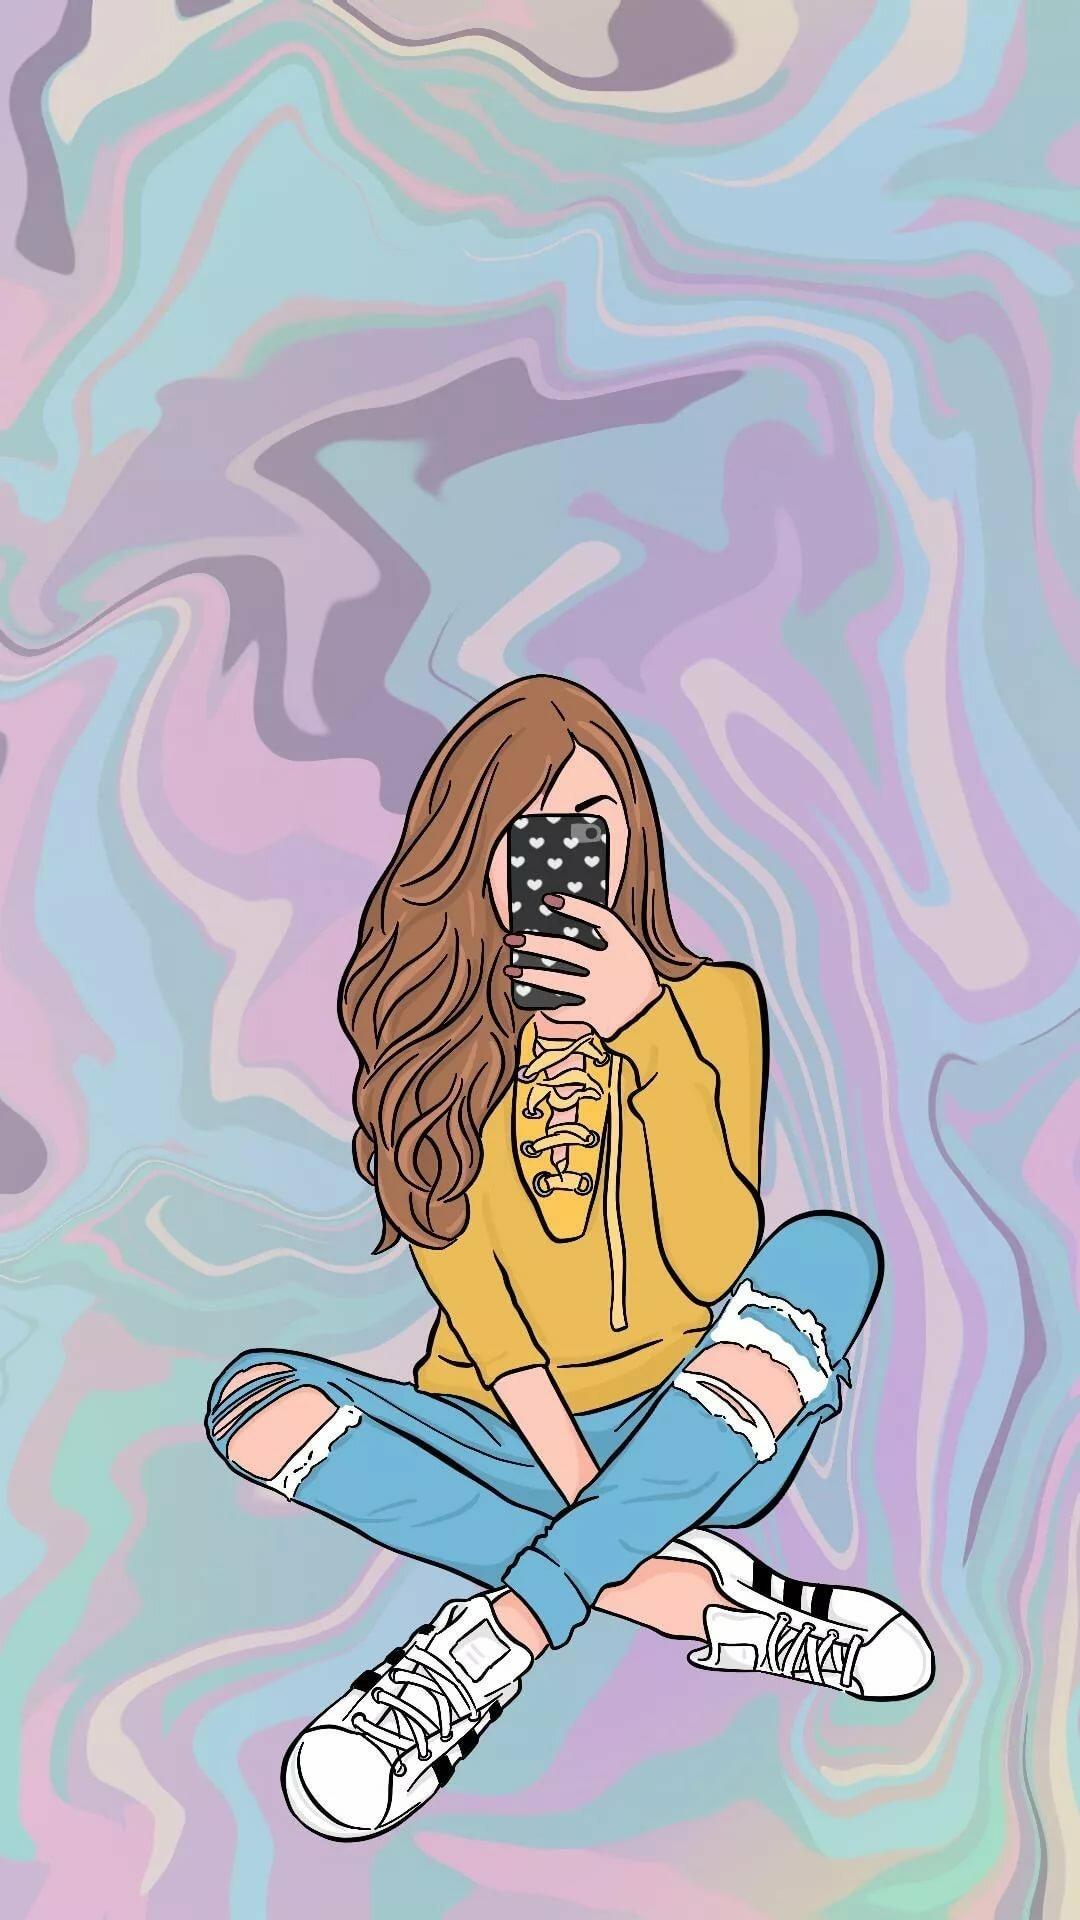 Обои На Телефон Для Подростков Девушек